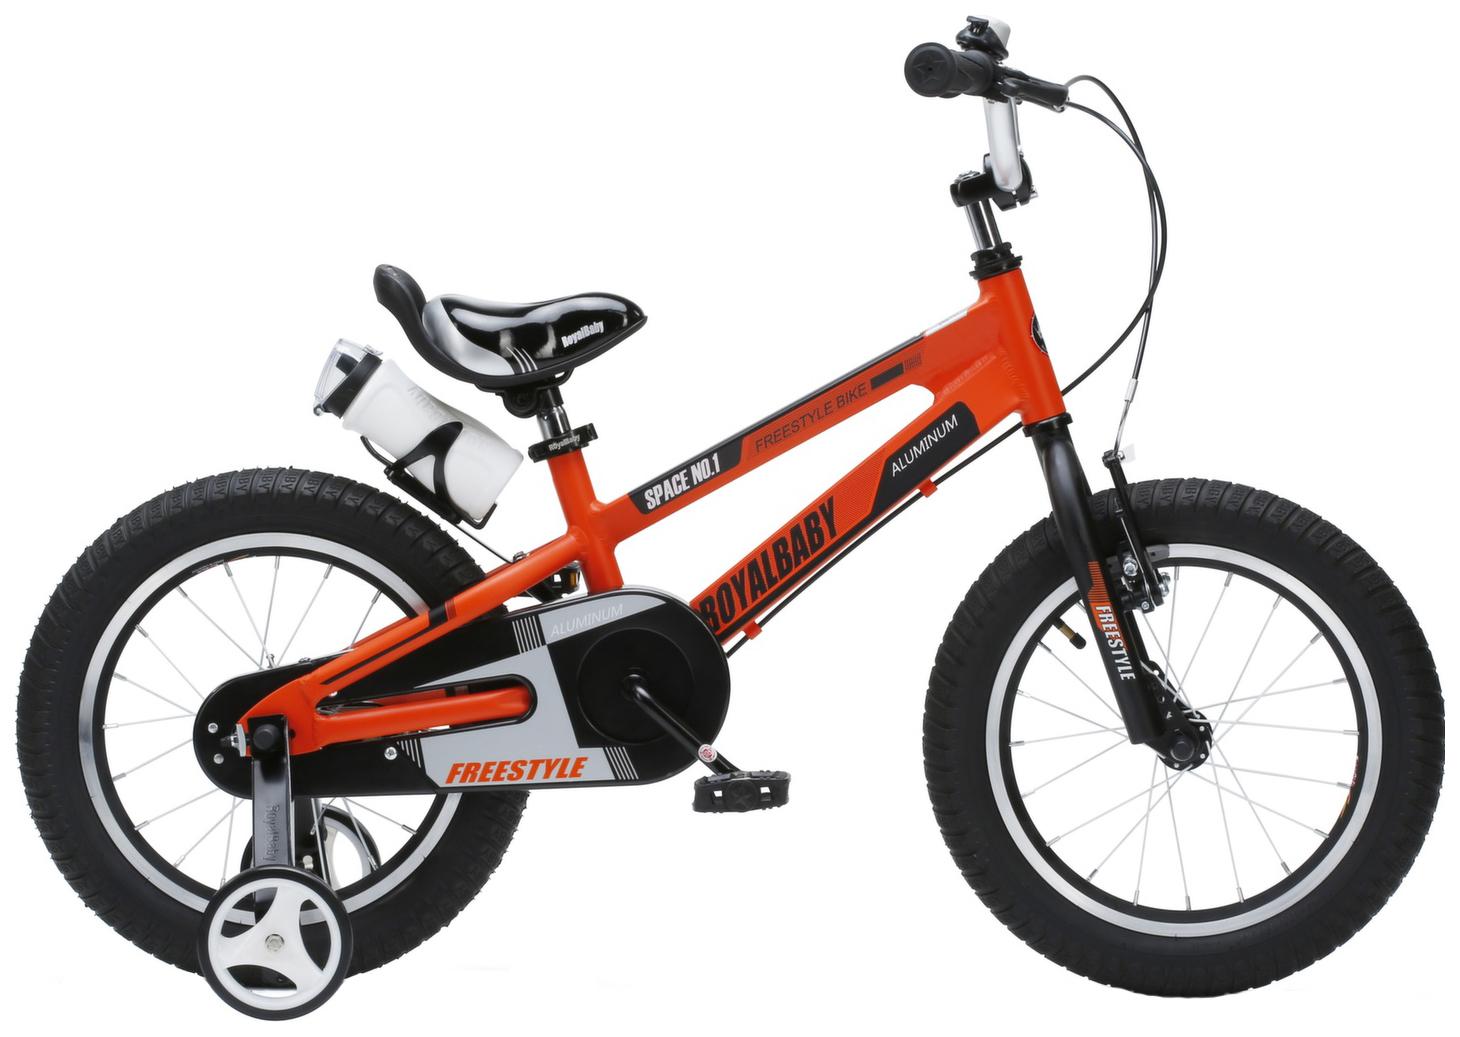 Купить Велосипед Royal Baby 2018 onesize Freestyle Space №1 New Design 16 оранжевый RB16-17, Детские двухколесные велосипеды